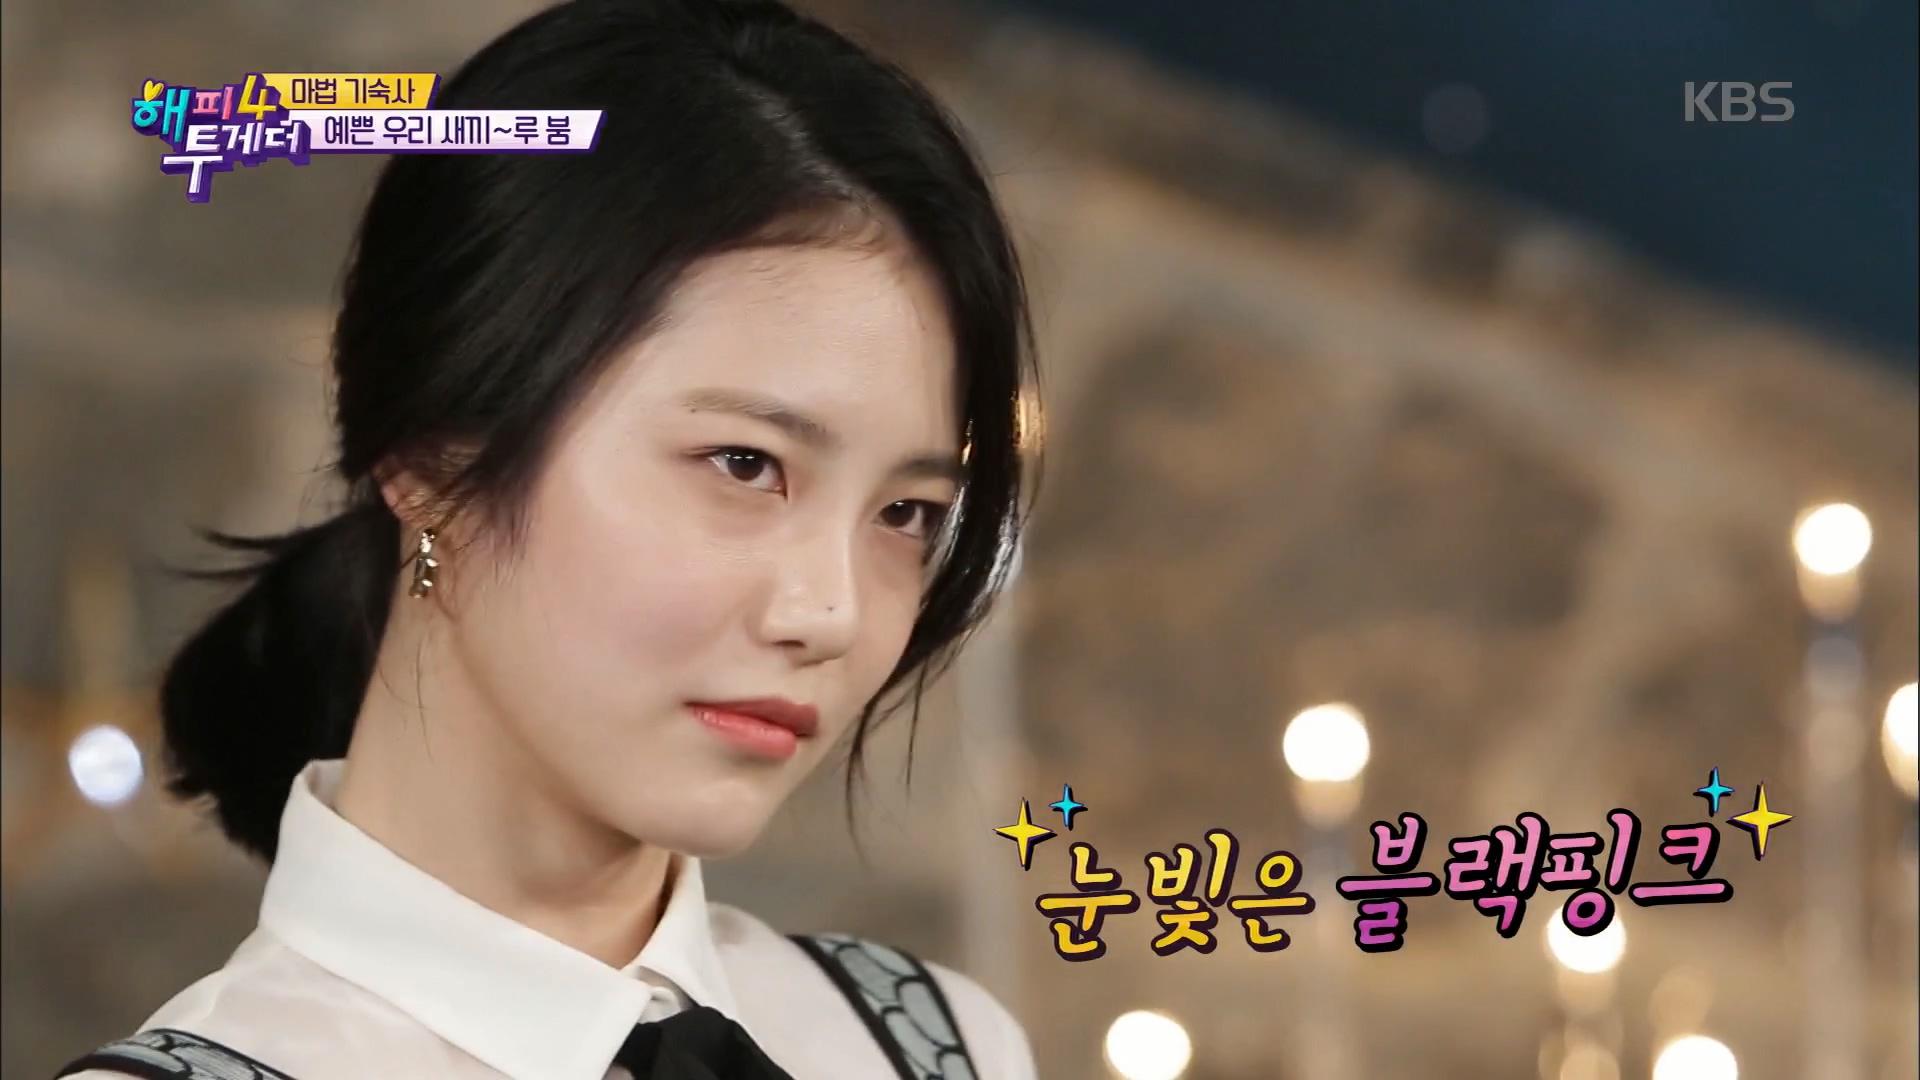 JYP 기대주 신예은 Likey, 뚜두뚜두 커버 댄스~♬